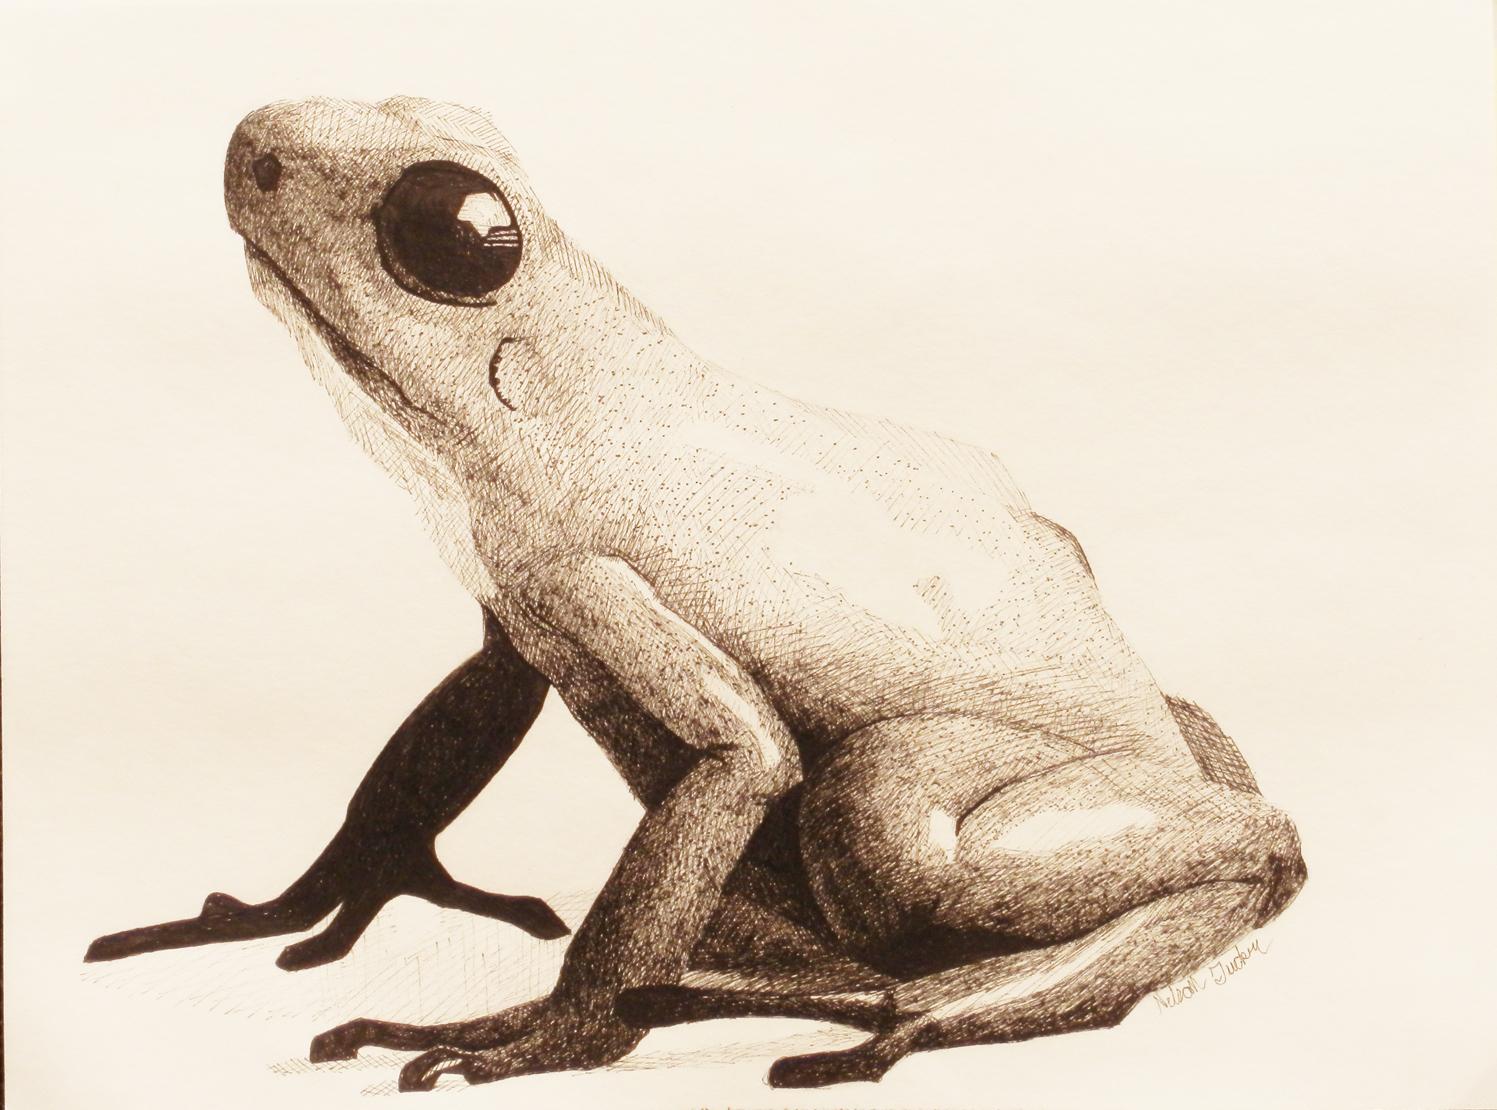 poisondart frog